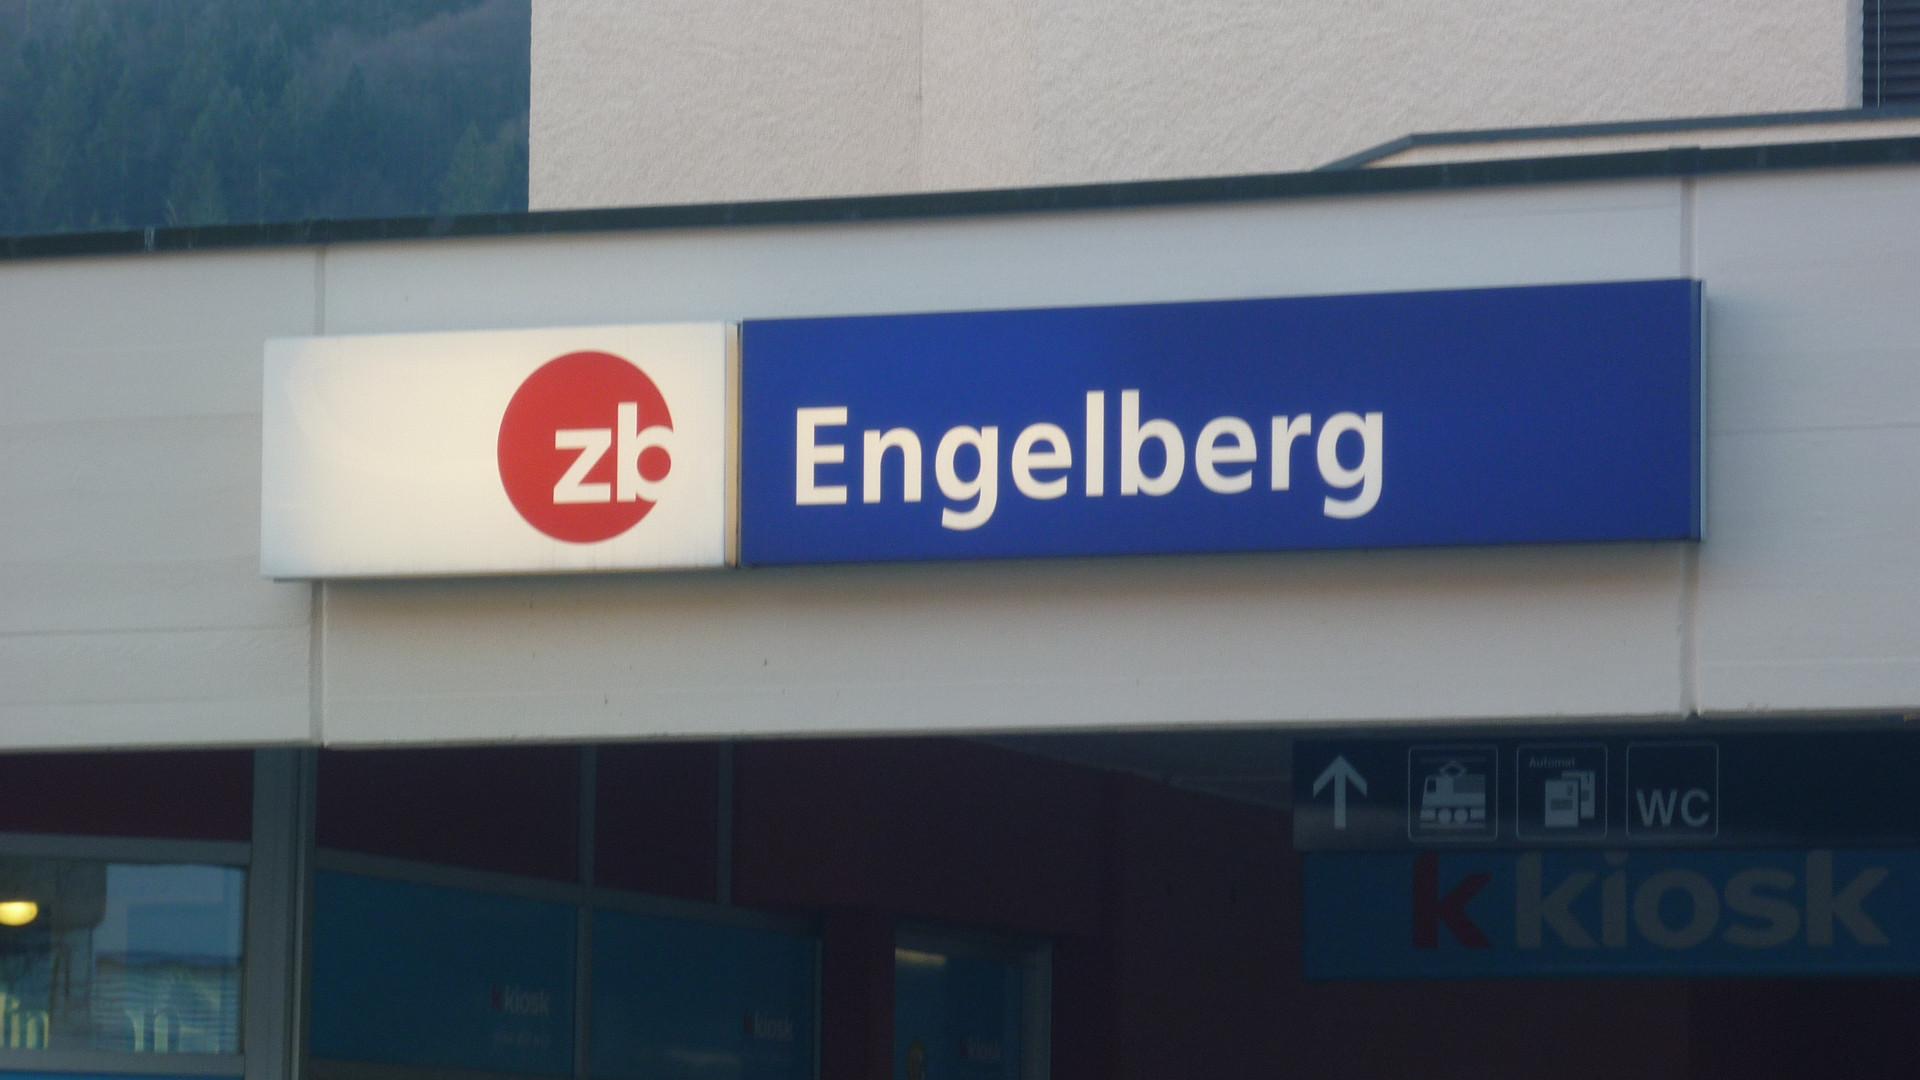 Bahnhof Engelberg